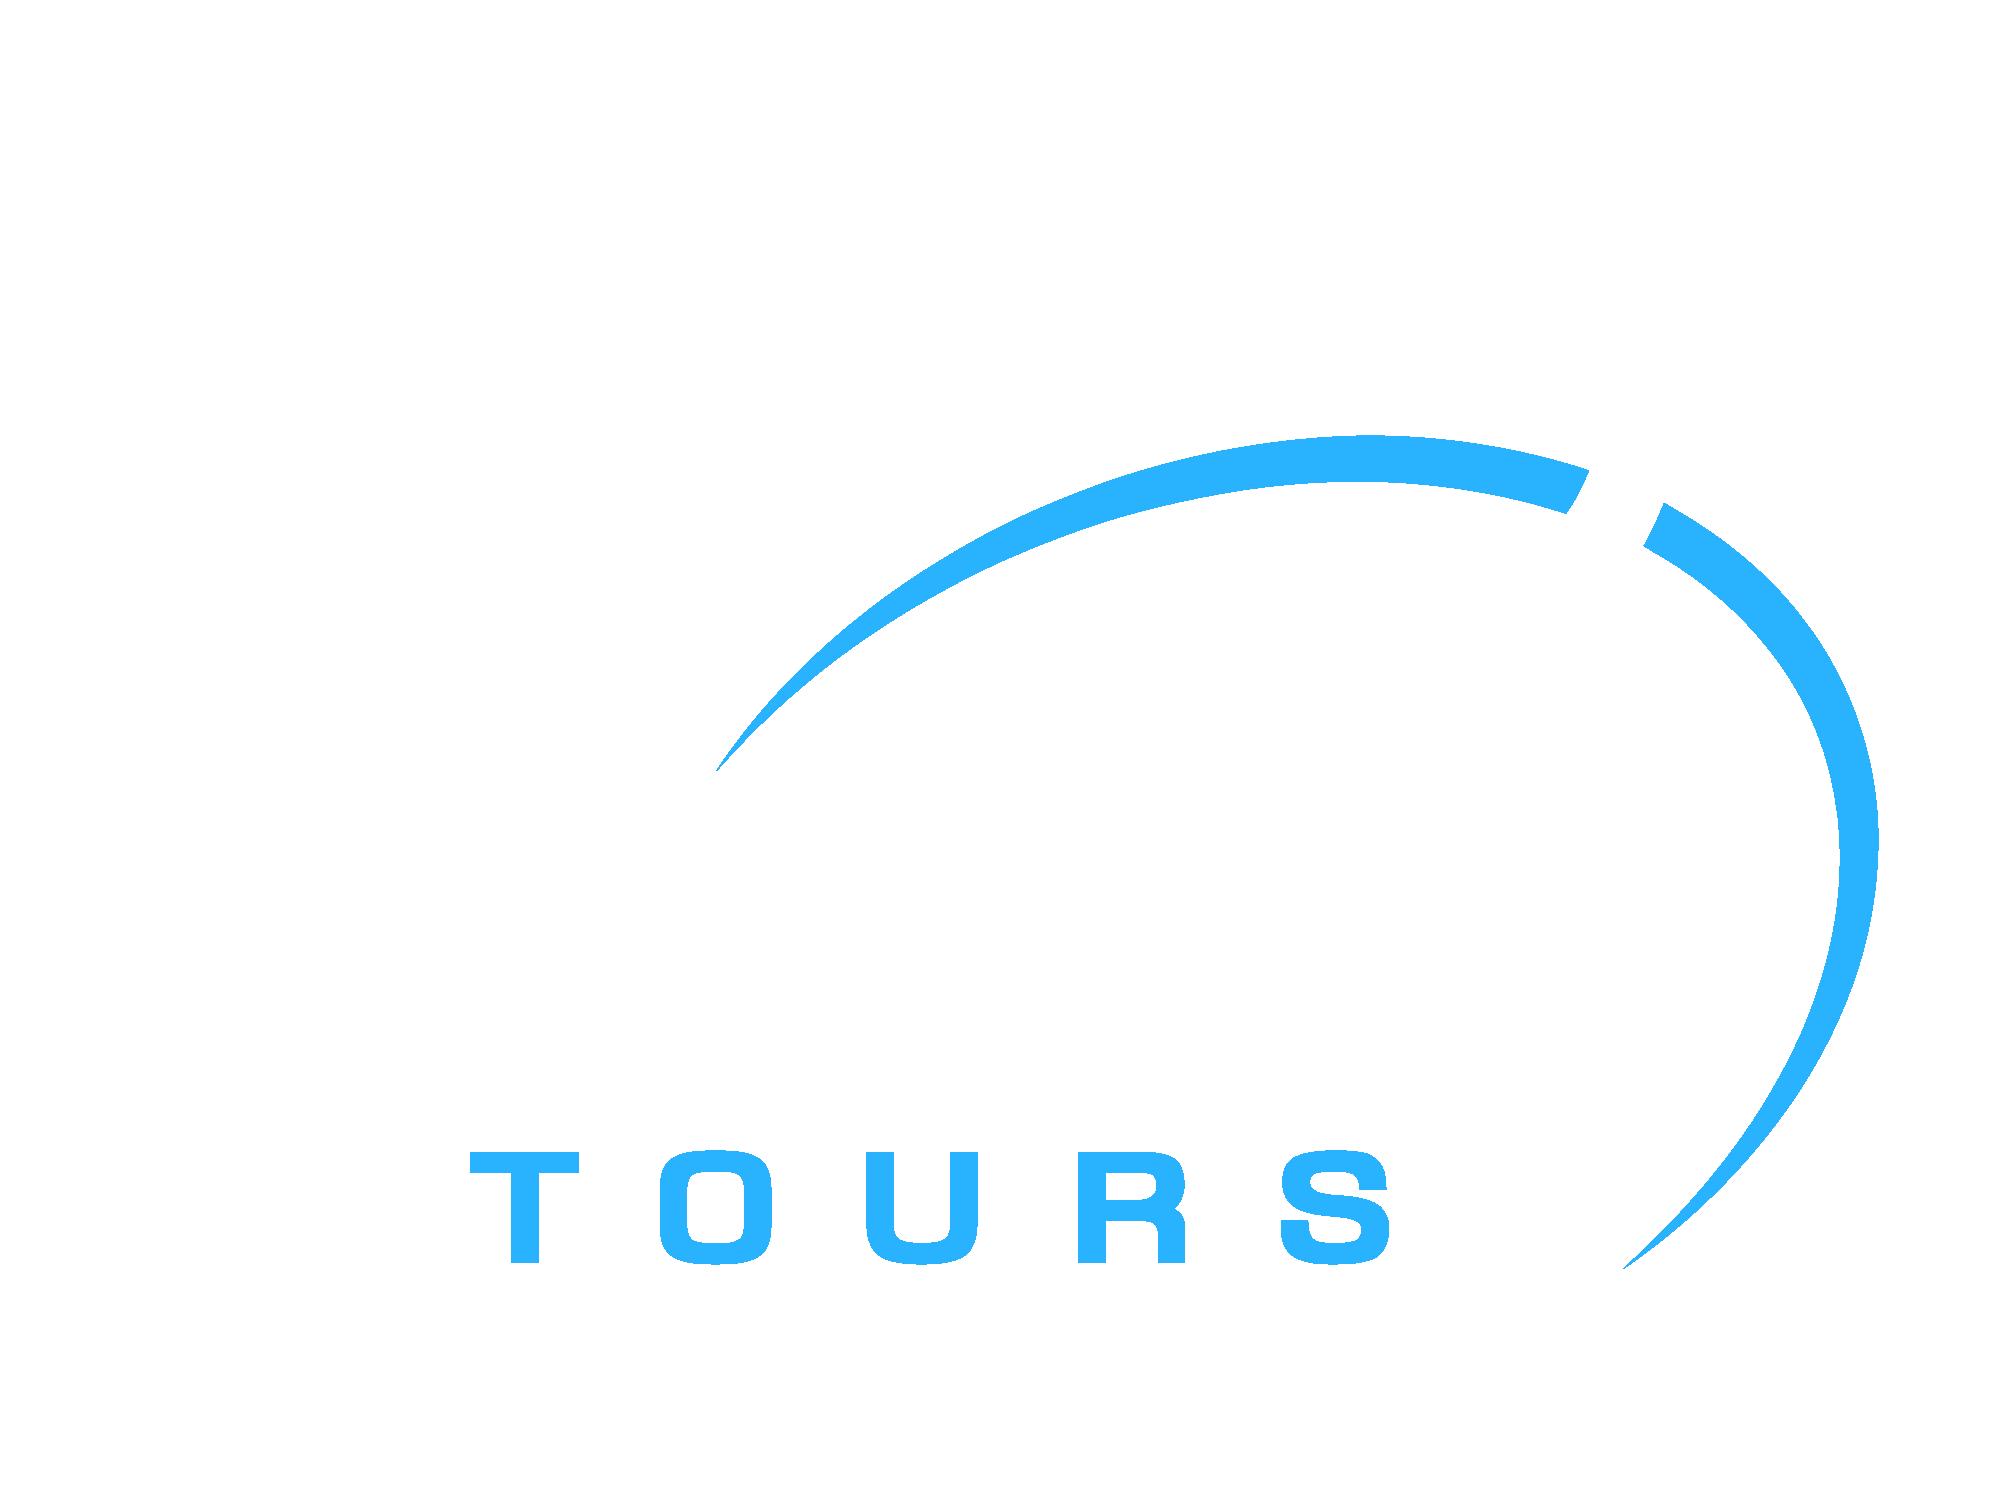 Deluxe Tours Egypt logo